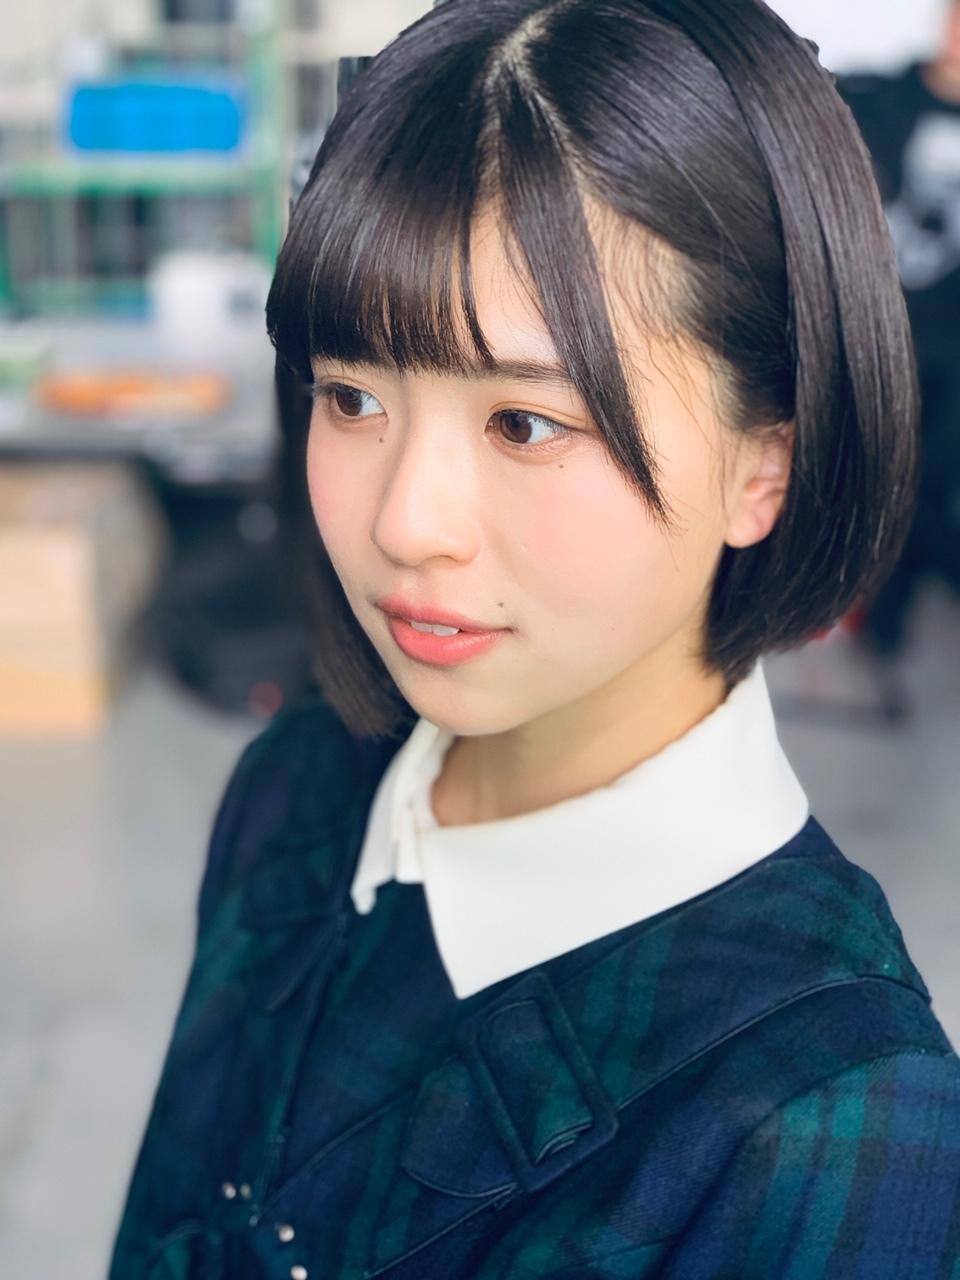 日向坂46公式ブログ | 日向坂46...